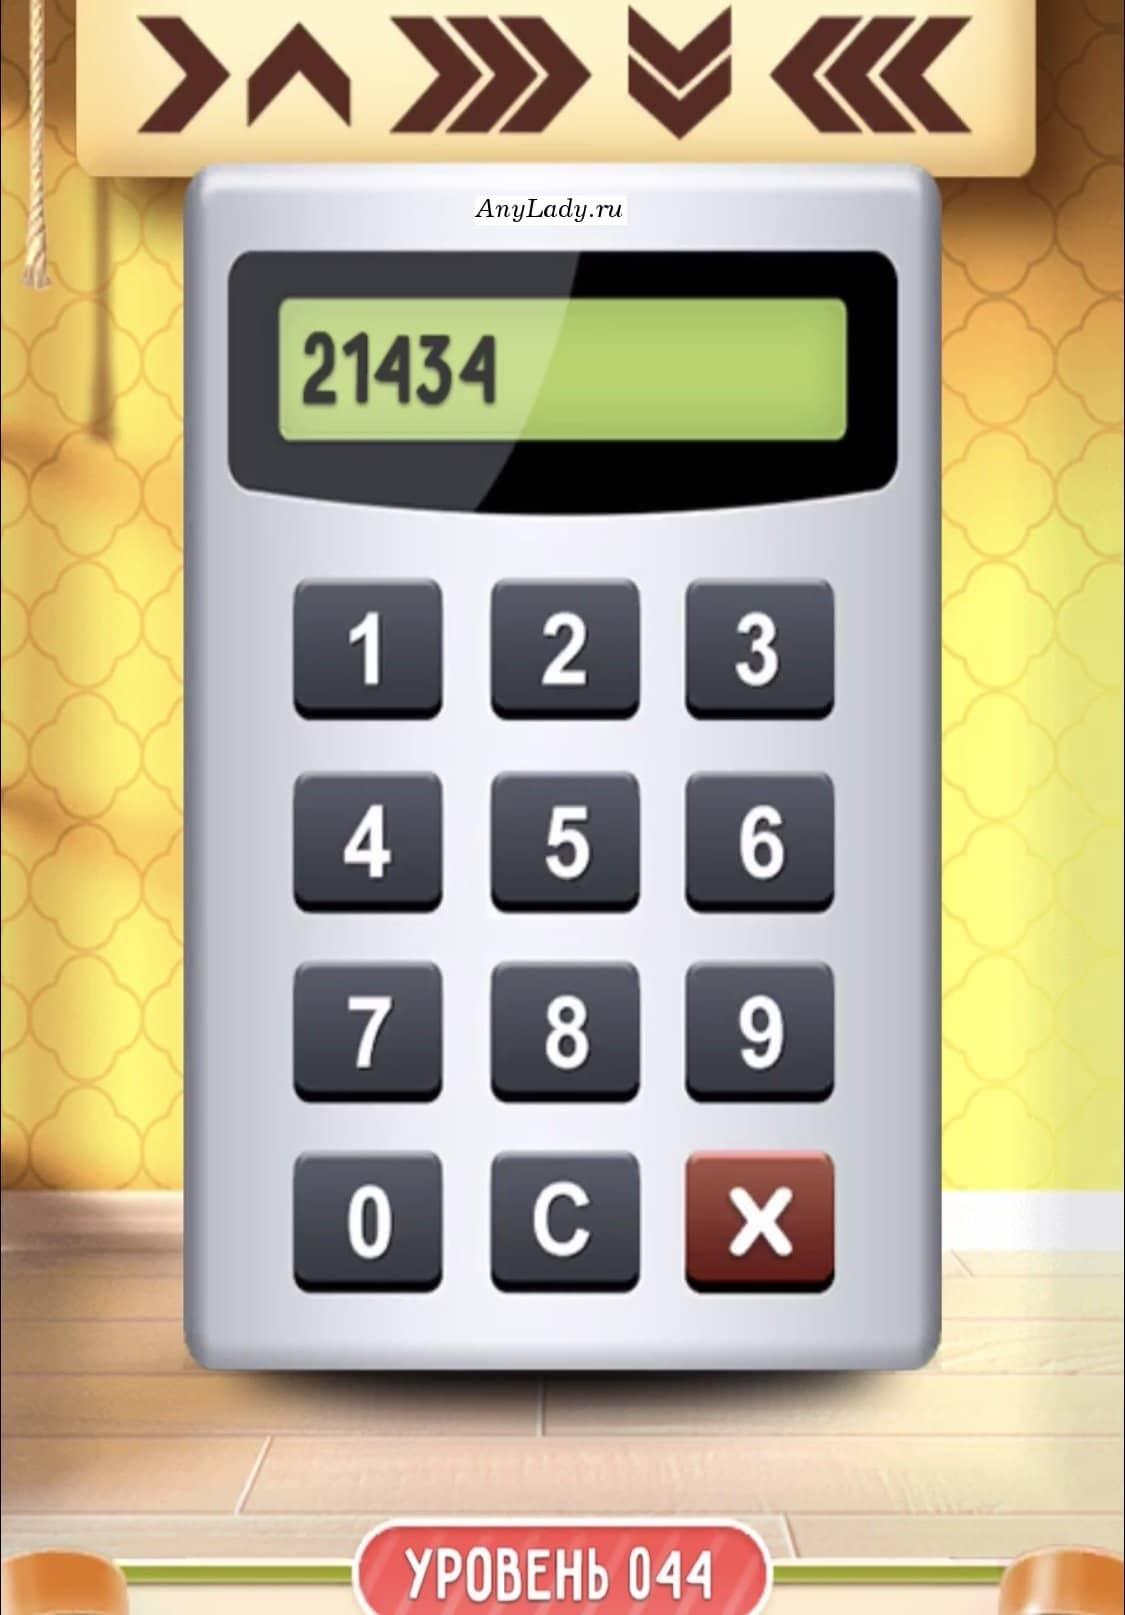 Первое число в таблице 2 в бордовом кружке. Как раз от нее и пойдет отсчет, по указателям: Первый шаг по стрелочке вправо, на единицу, последующая стрелка вверх на цифру 4, следующий этап на три цифры вправо - число 3. Четвертый указатель на два числа вниз, цифра 4, последний этап на три числа влево - 5.  Решение: 214345